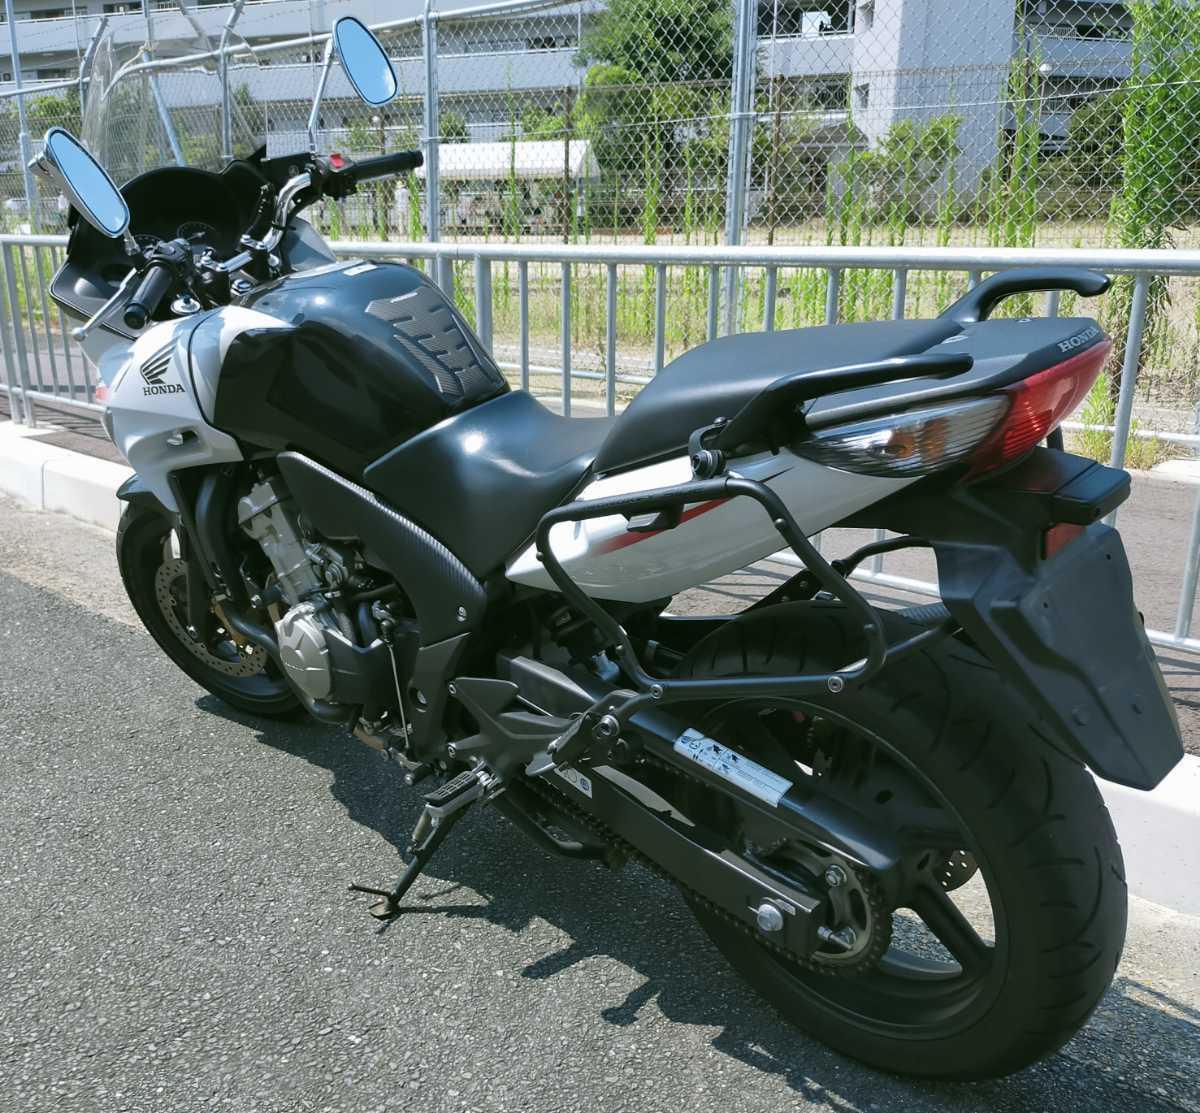 「即決で送料込CBF600S ABS.ETC 検)CBR600RRエンジン搭載 ホーネット600 gsx-s ninja cb600r mt cbr600f z」の画像2